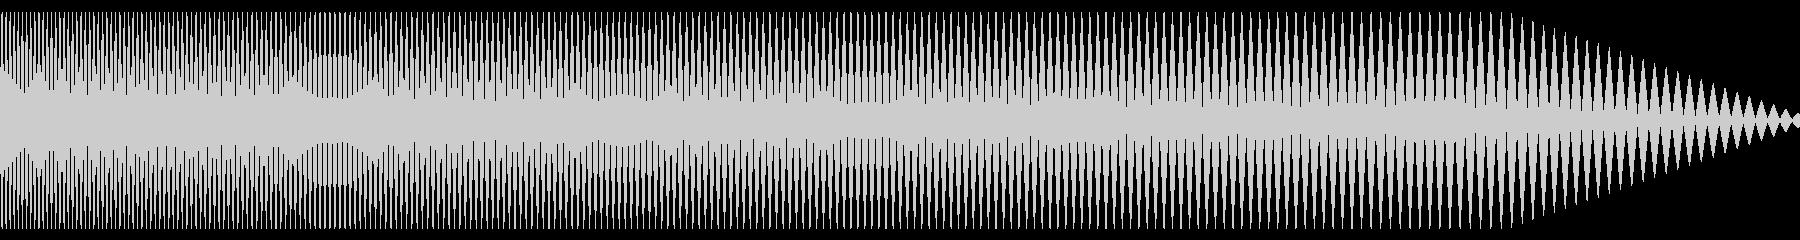 ハリウッド映画でよく聞く低音の効果音2の未再生の波形